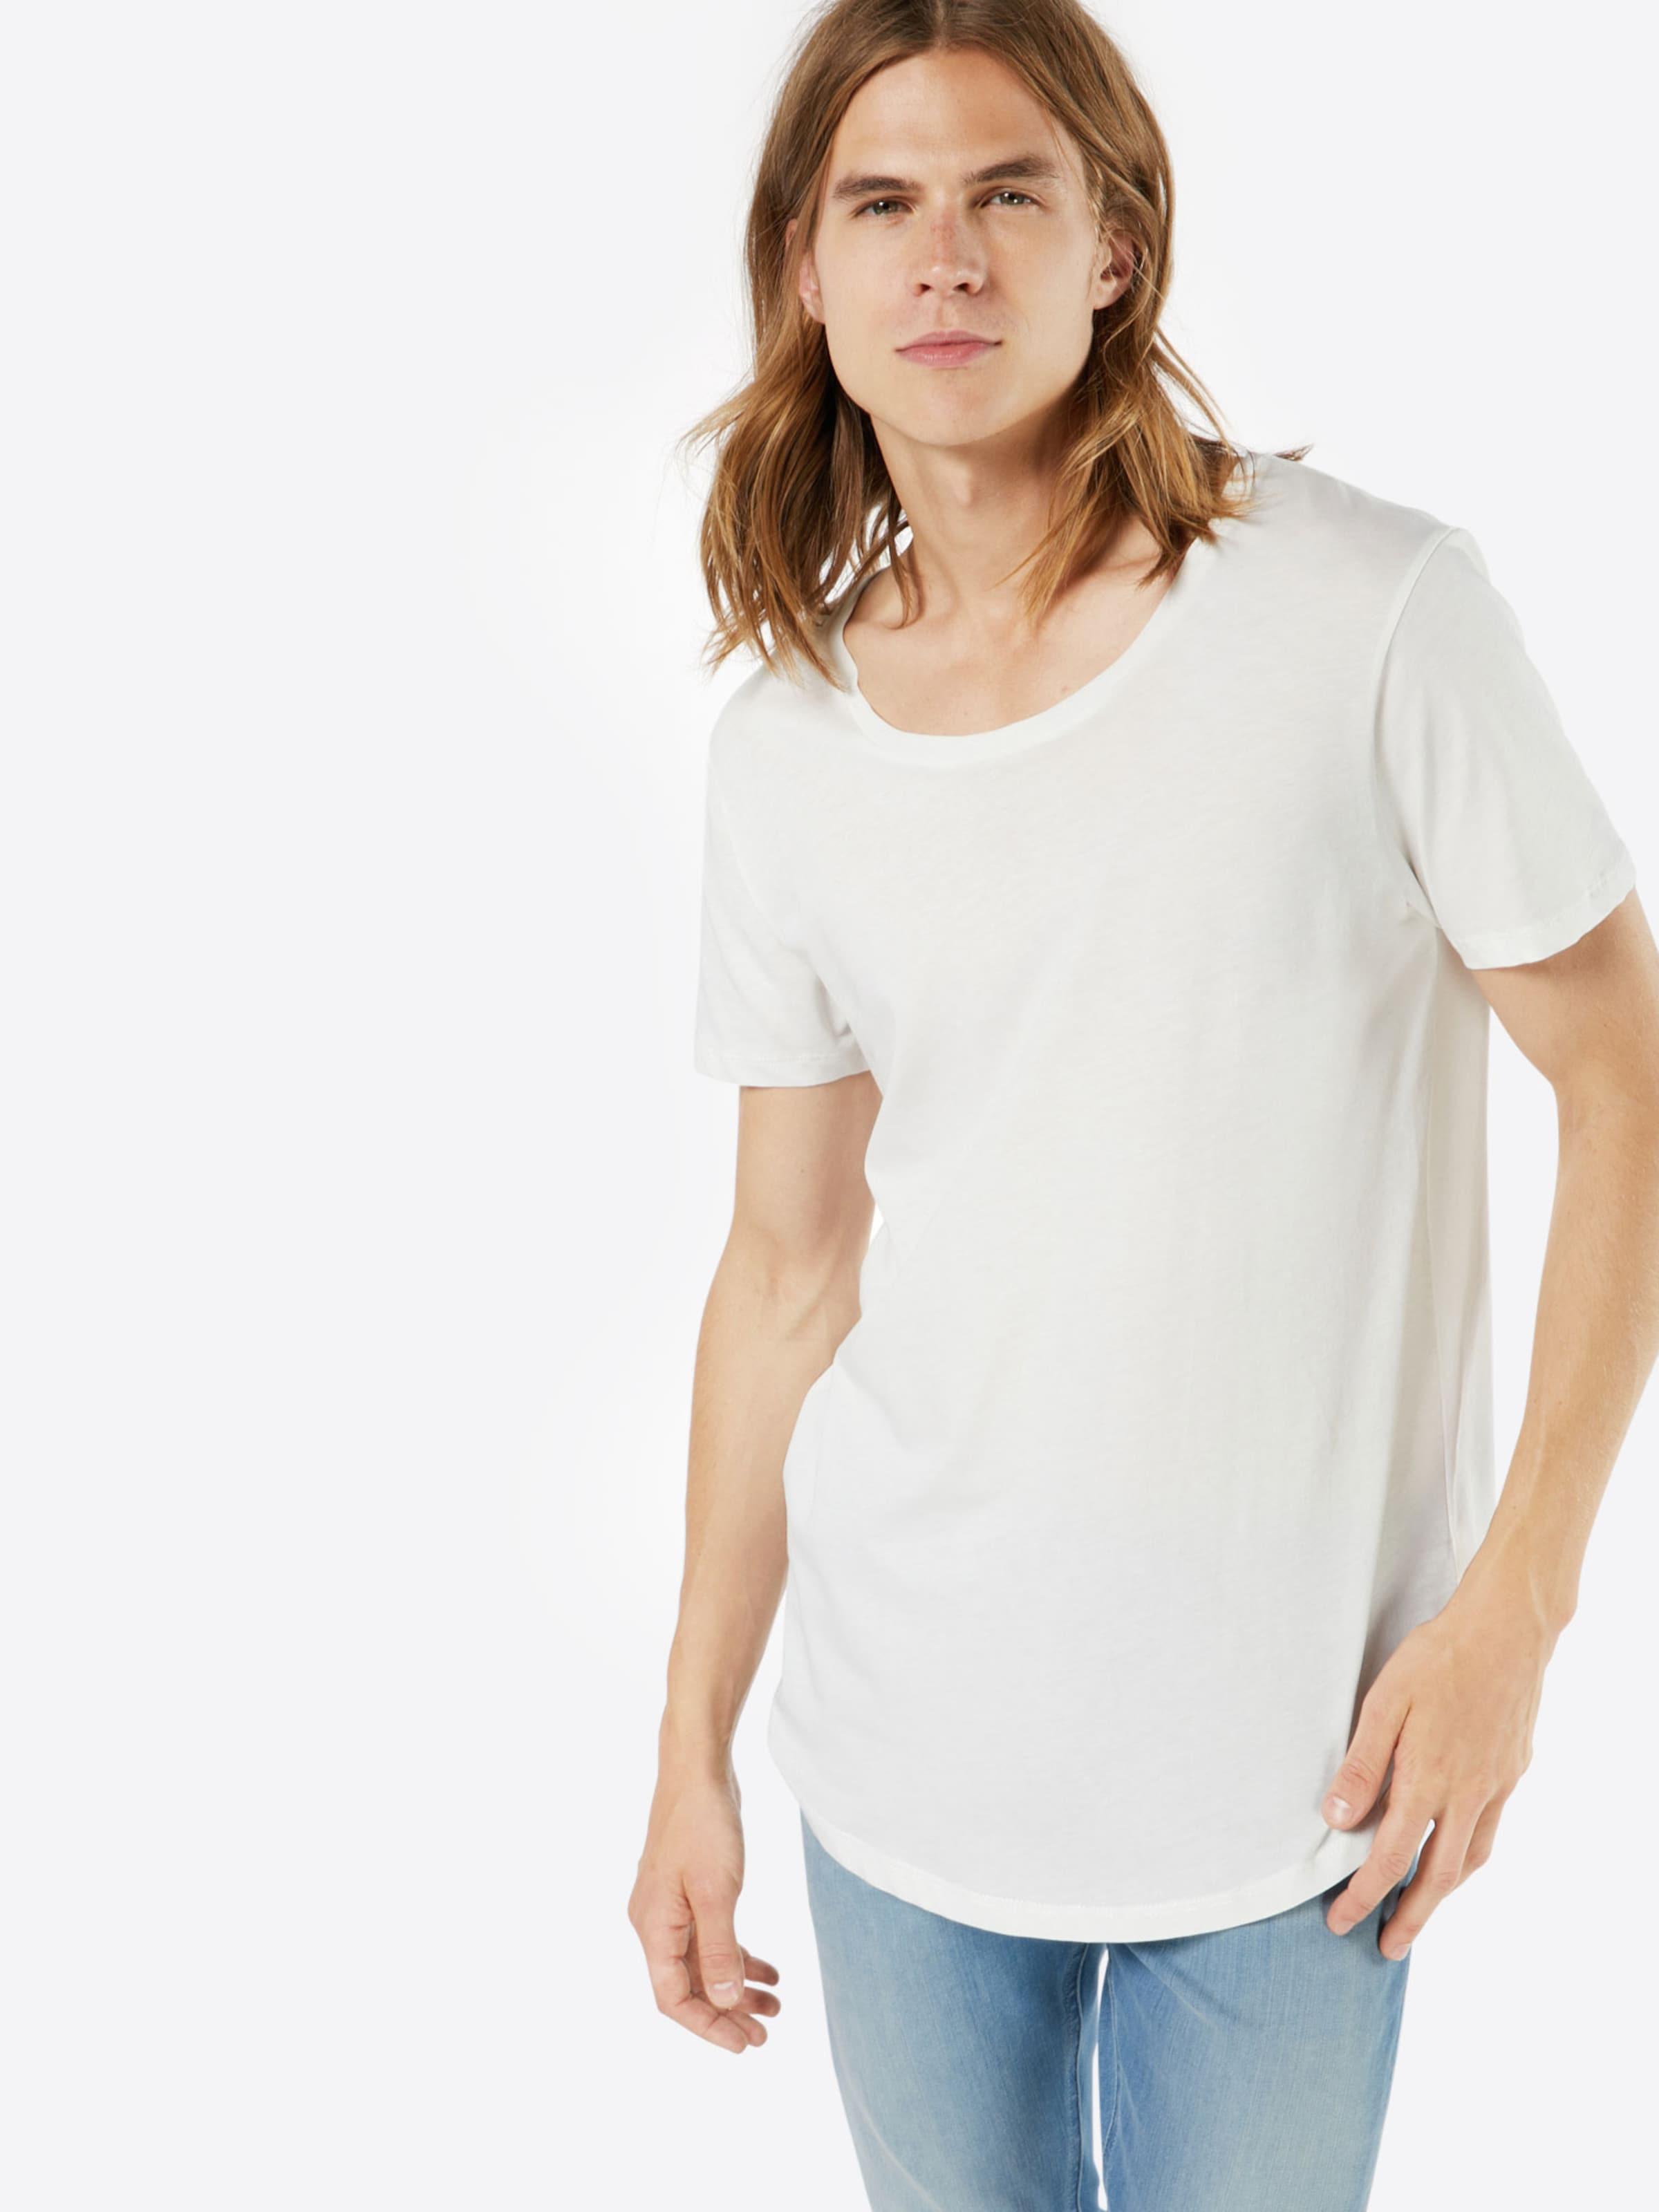 Lee T-Shirt Verkauf Freies Verschiffen Händler Online 2018 Neue Günstig Kaufen Besten Großhandel rTvYwmnA